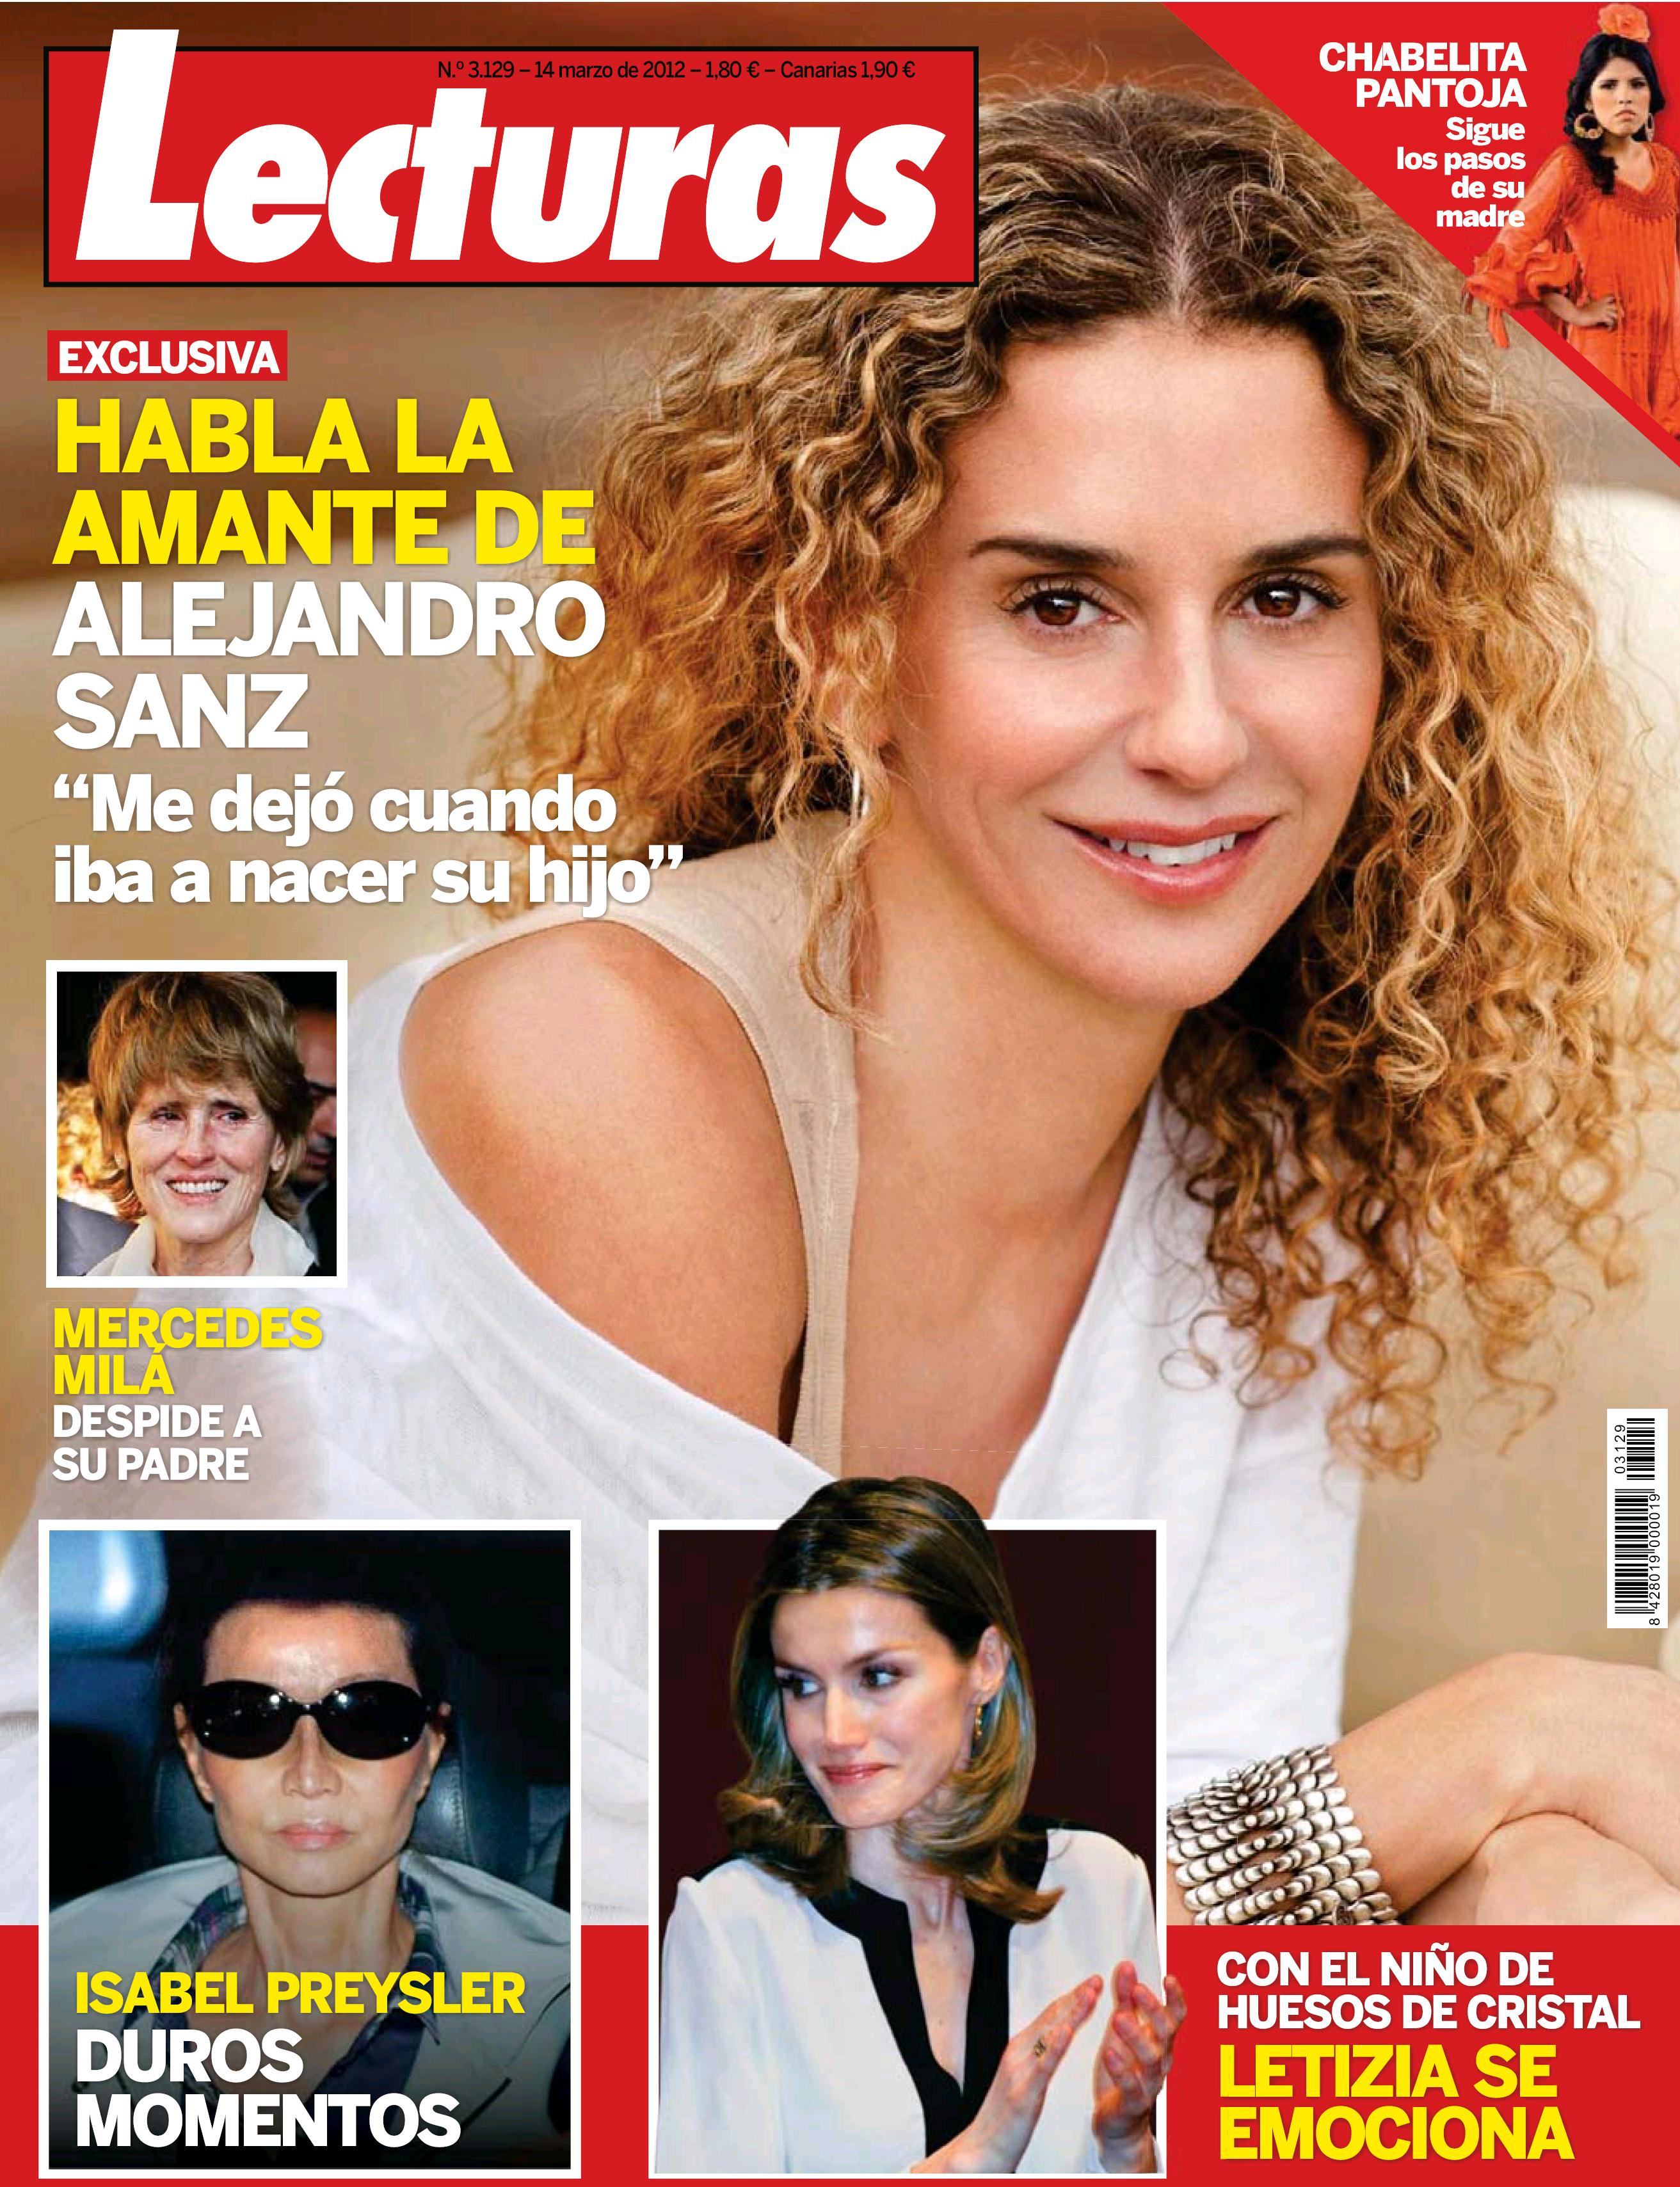 LECTURAS portada 7 marzo 2012